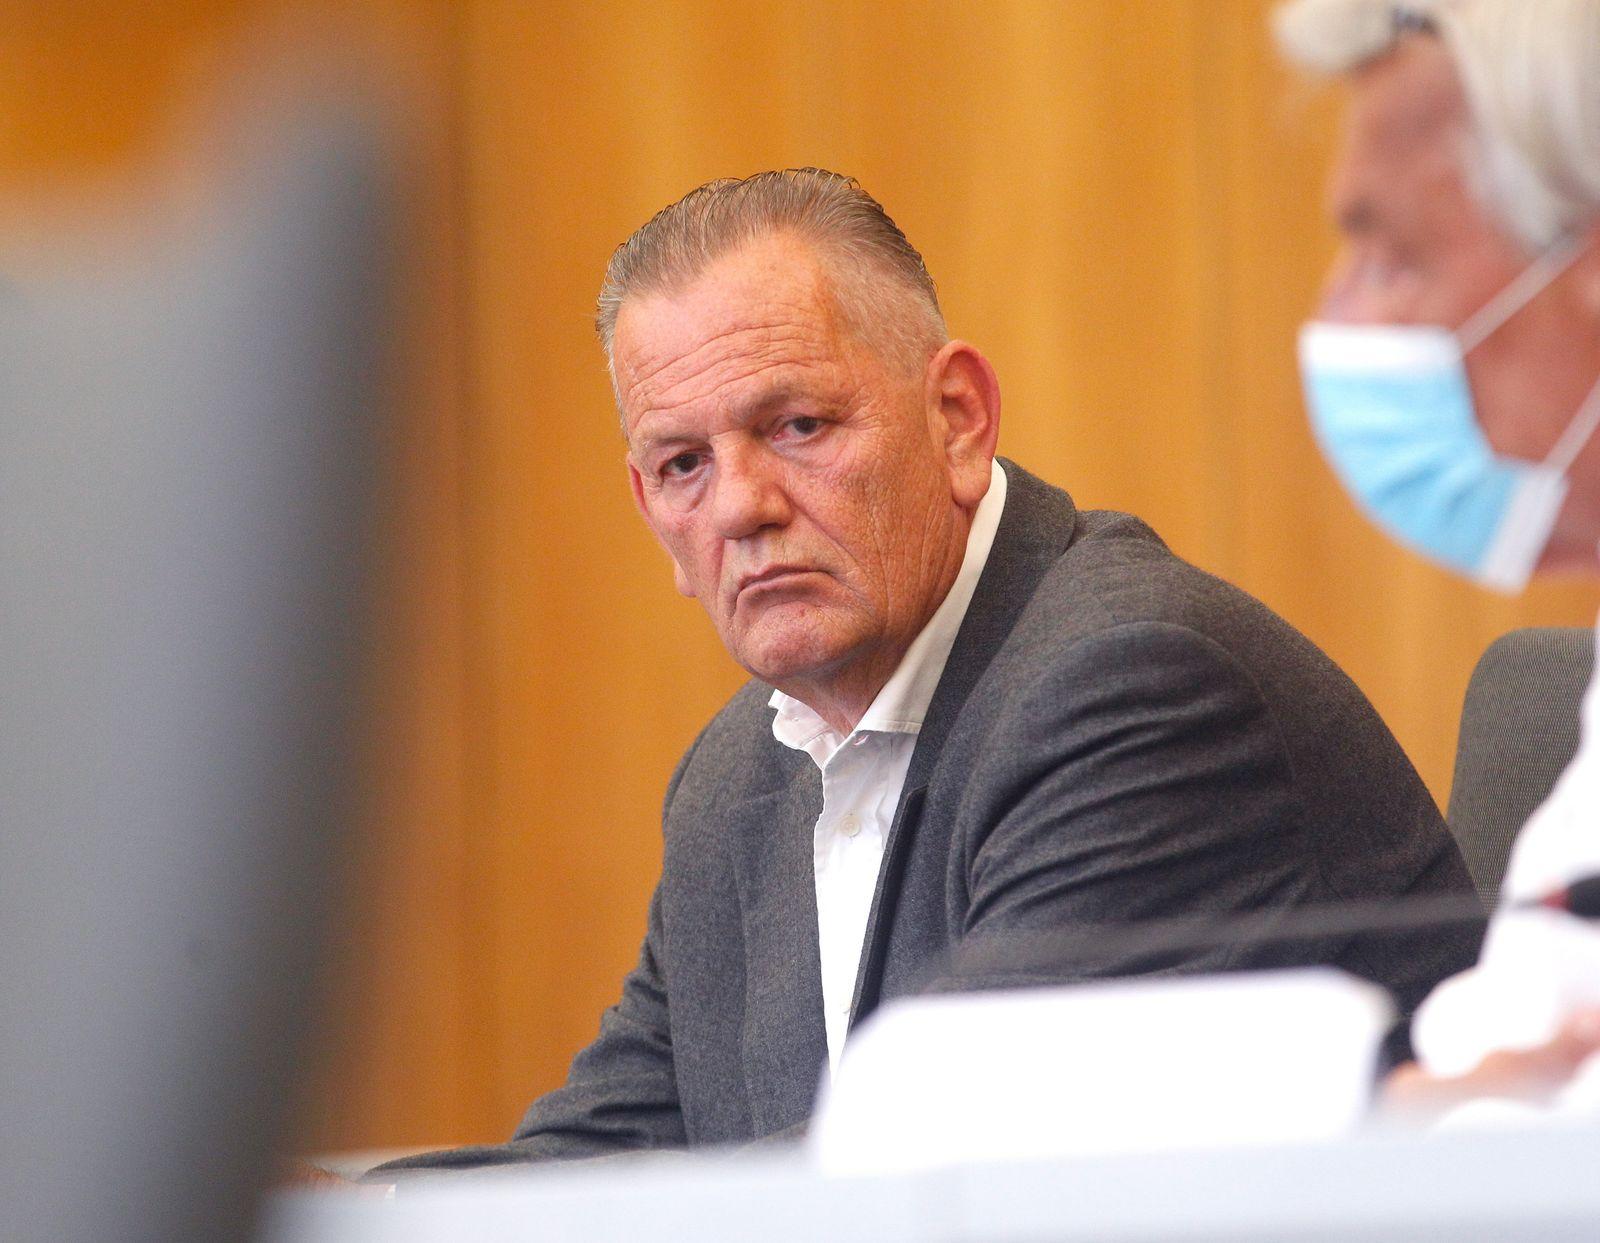 Prozess nach Germanwings-Absturz zu Schmerzensgeld